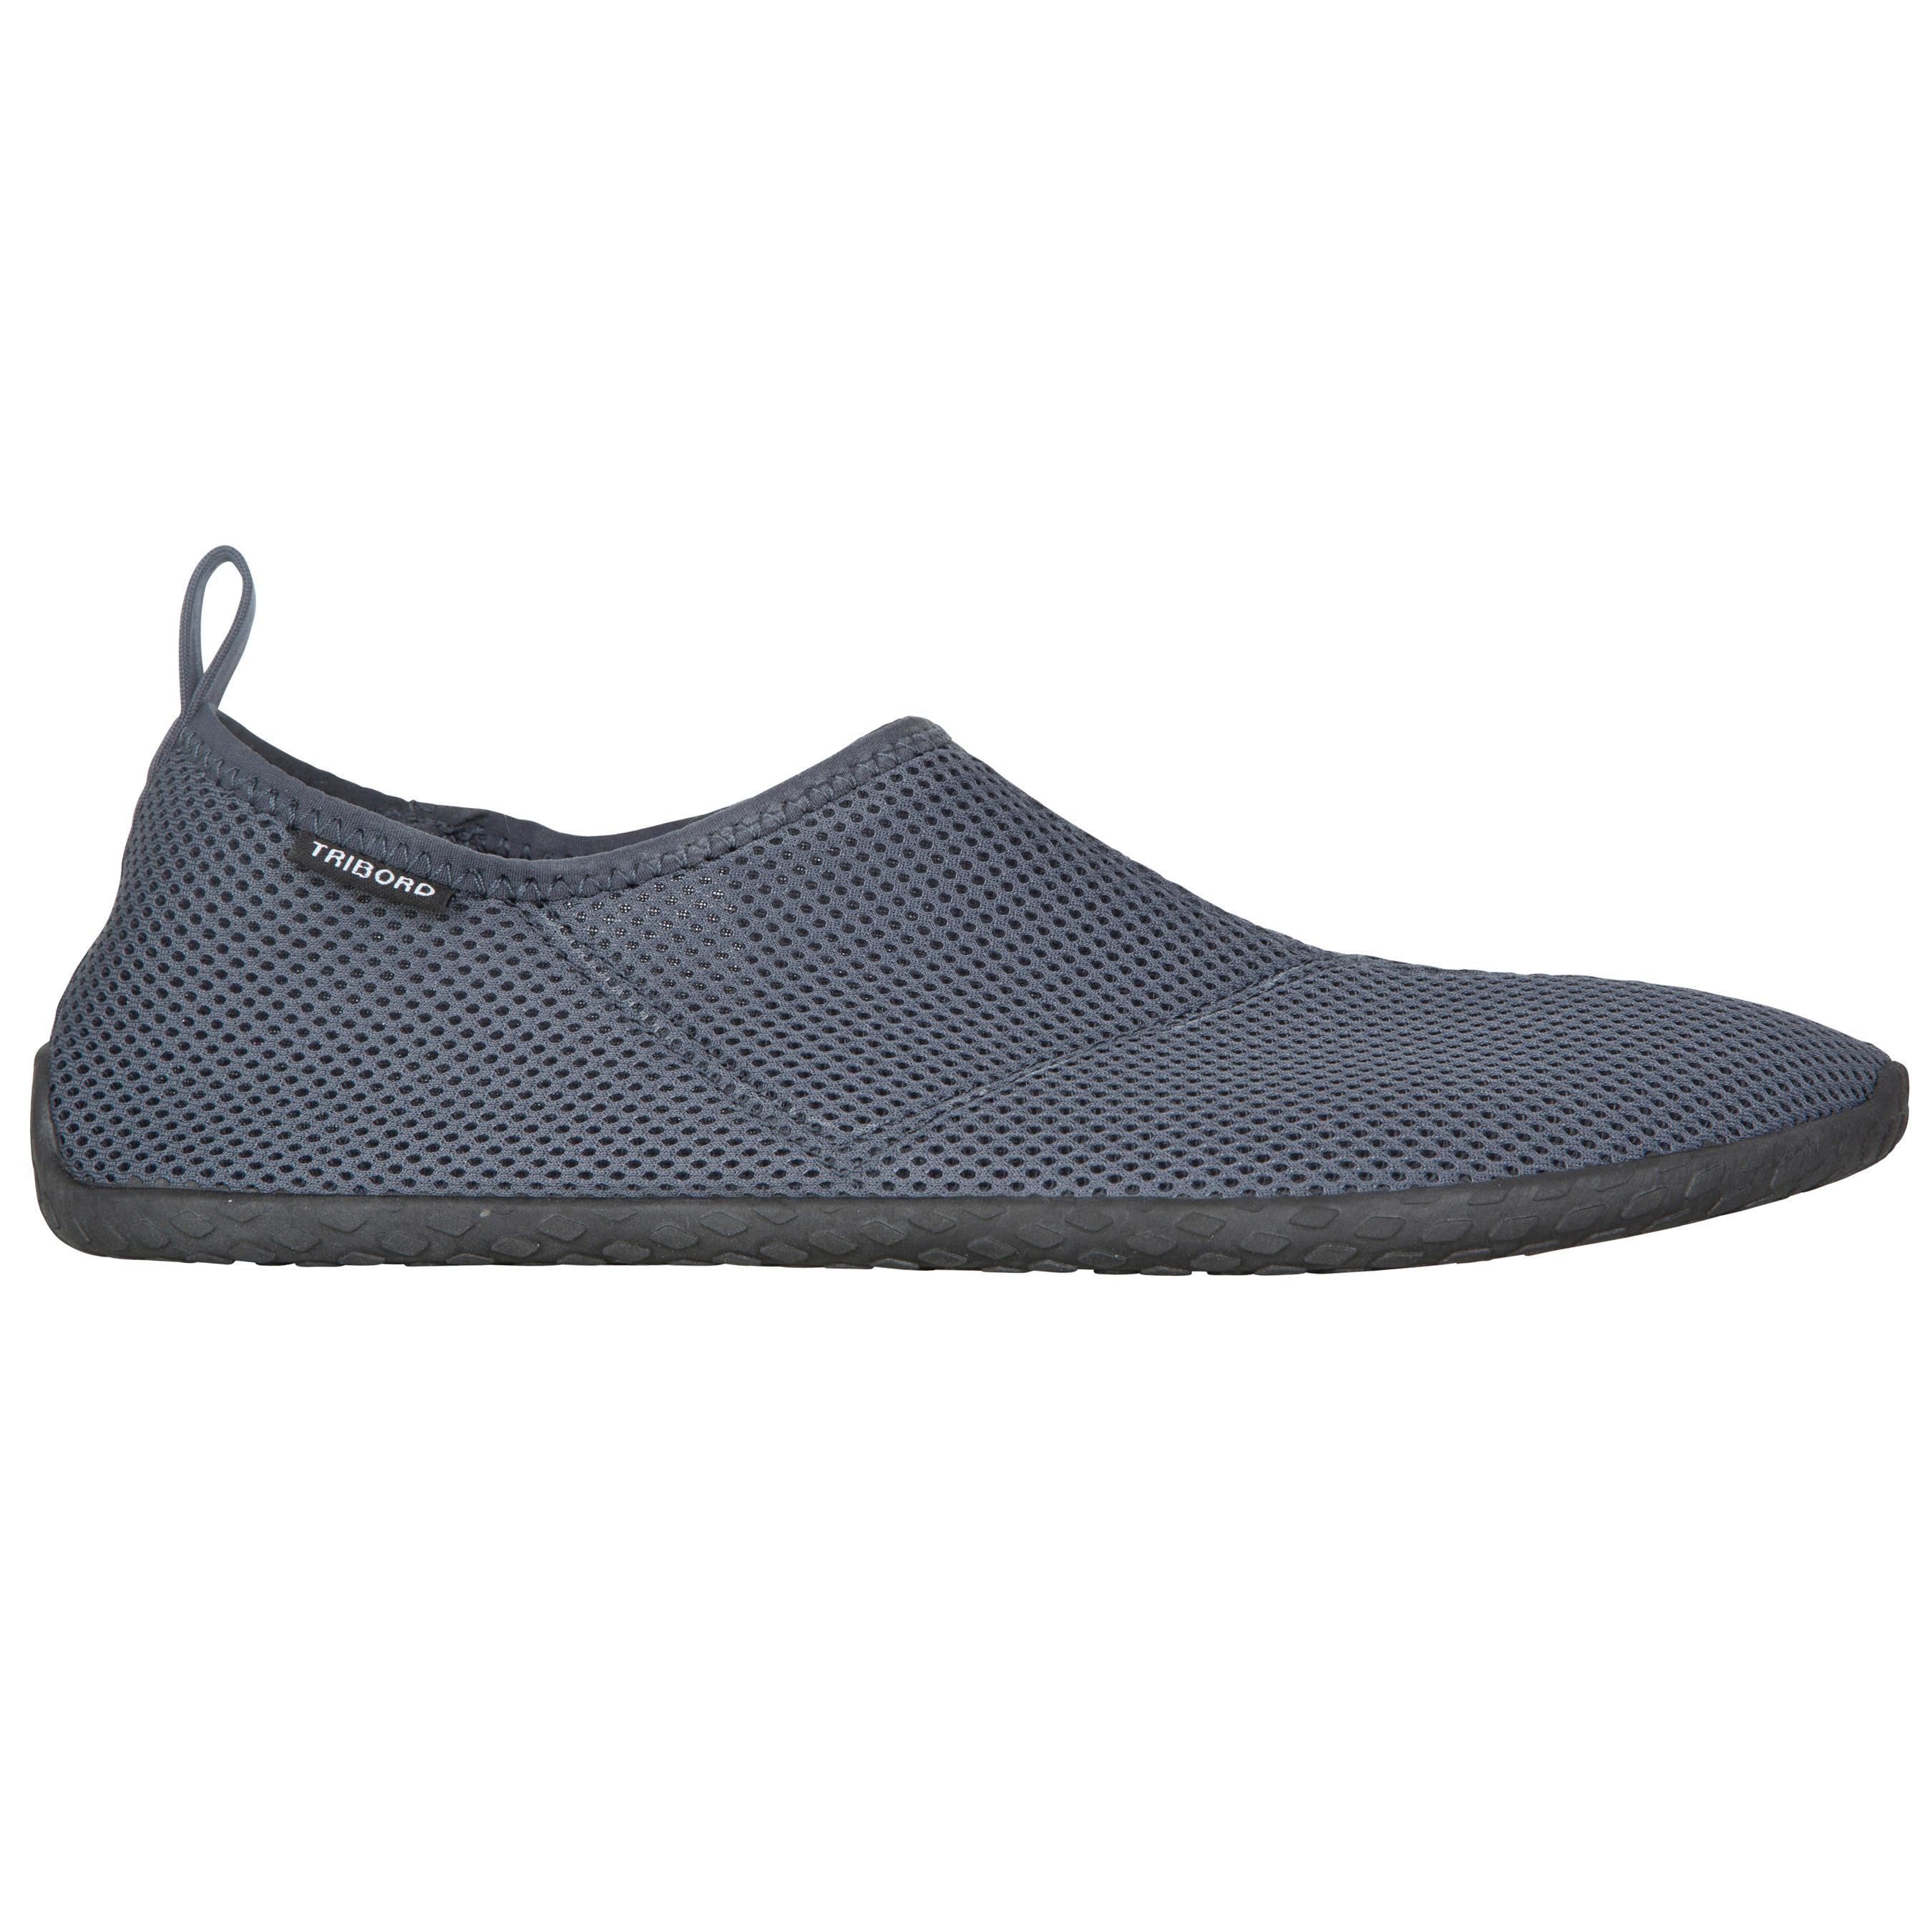 Chaussures aquatiques Aquashoes 50 grises foncées